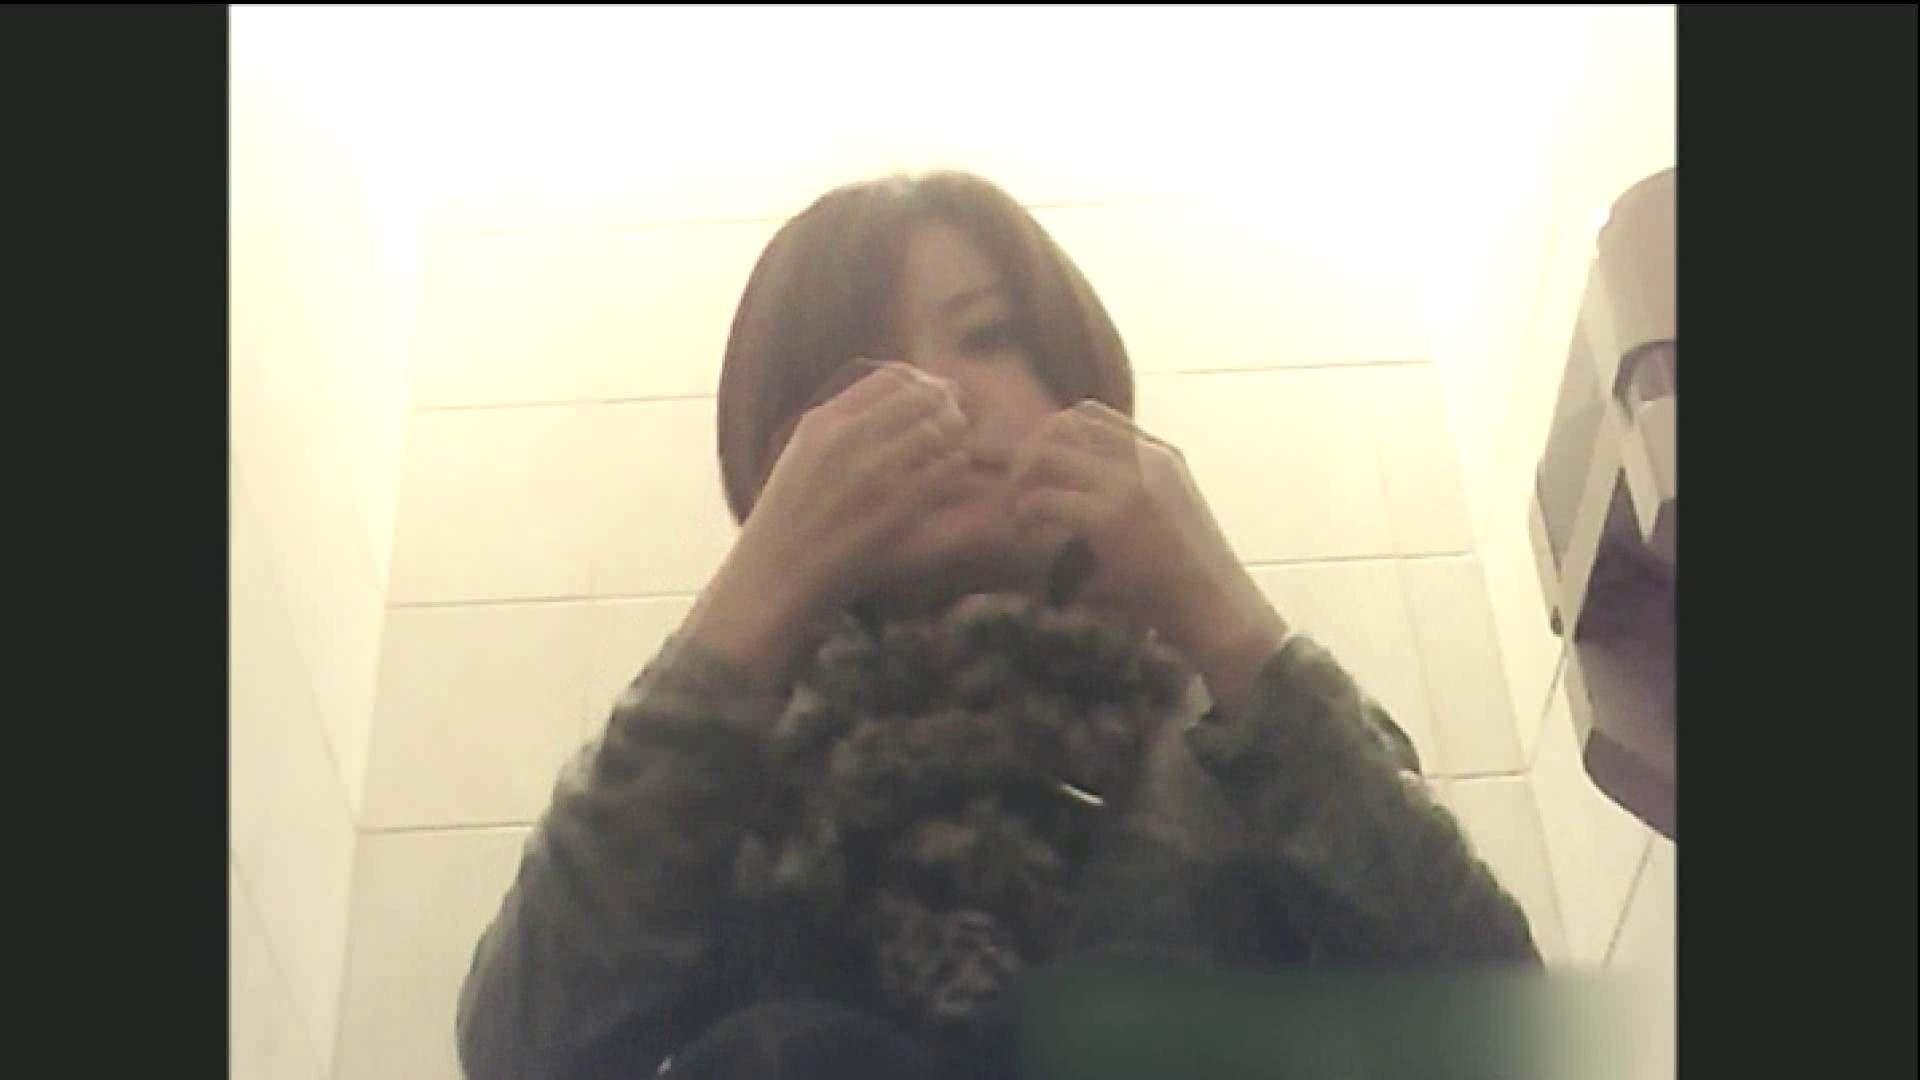 実録!!綺麗なお姉さんのトイレ事情・・・。vol.10 OLの実態 覗きおまんこ画像 86pic 71